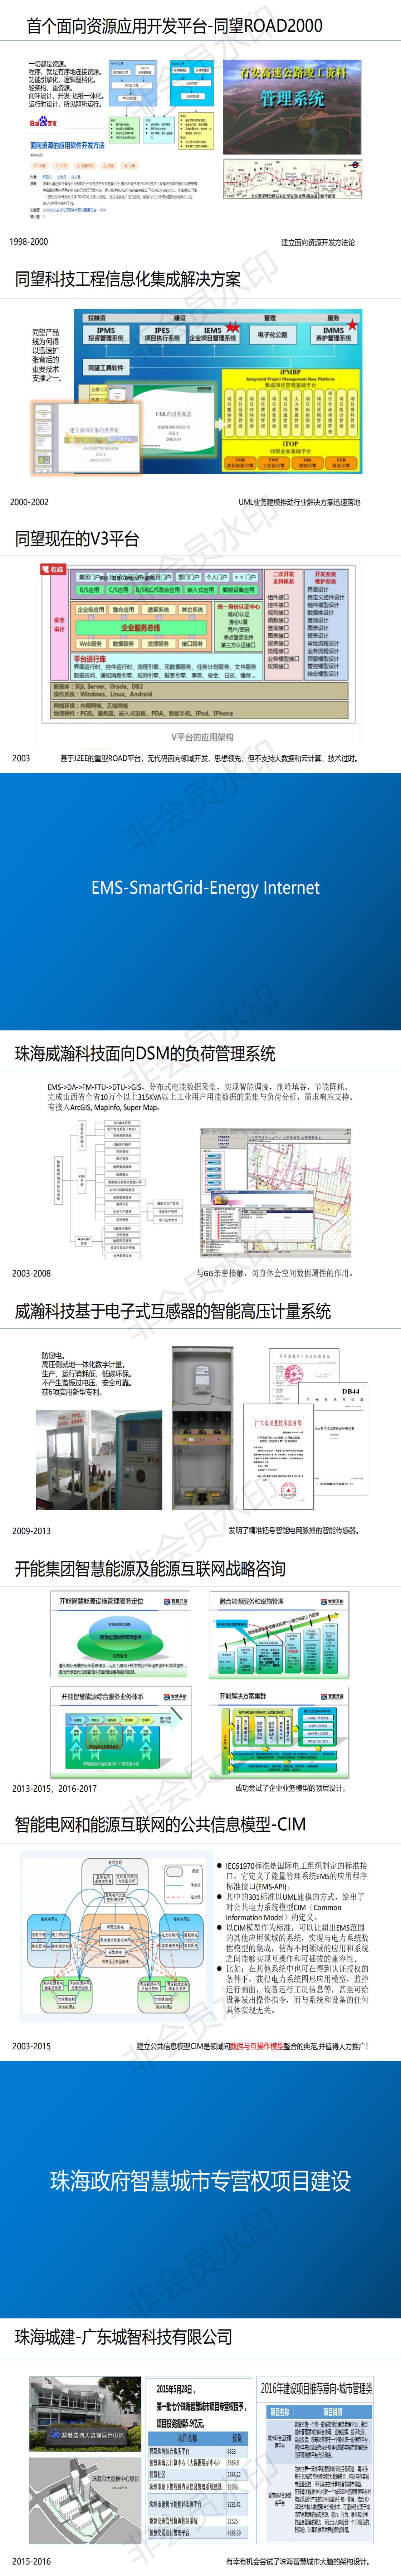 智慧城市信息模型1_0.png